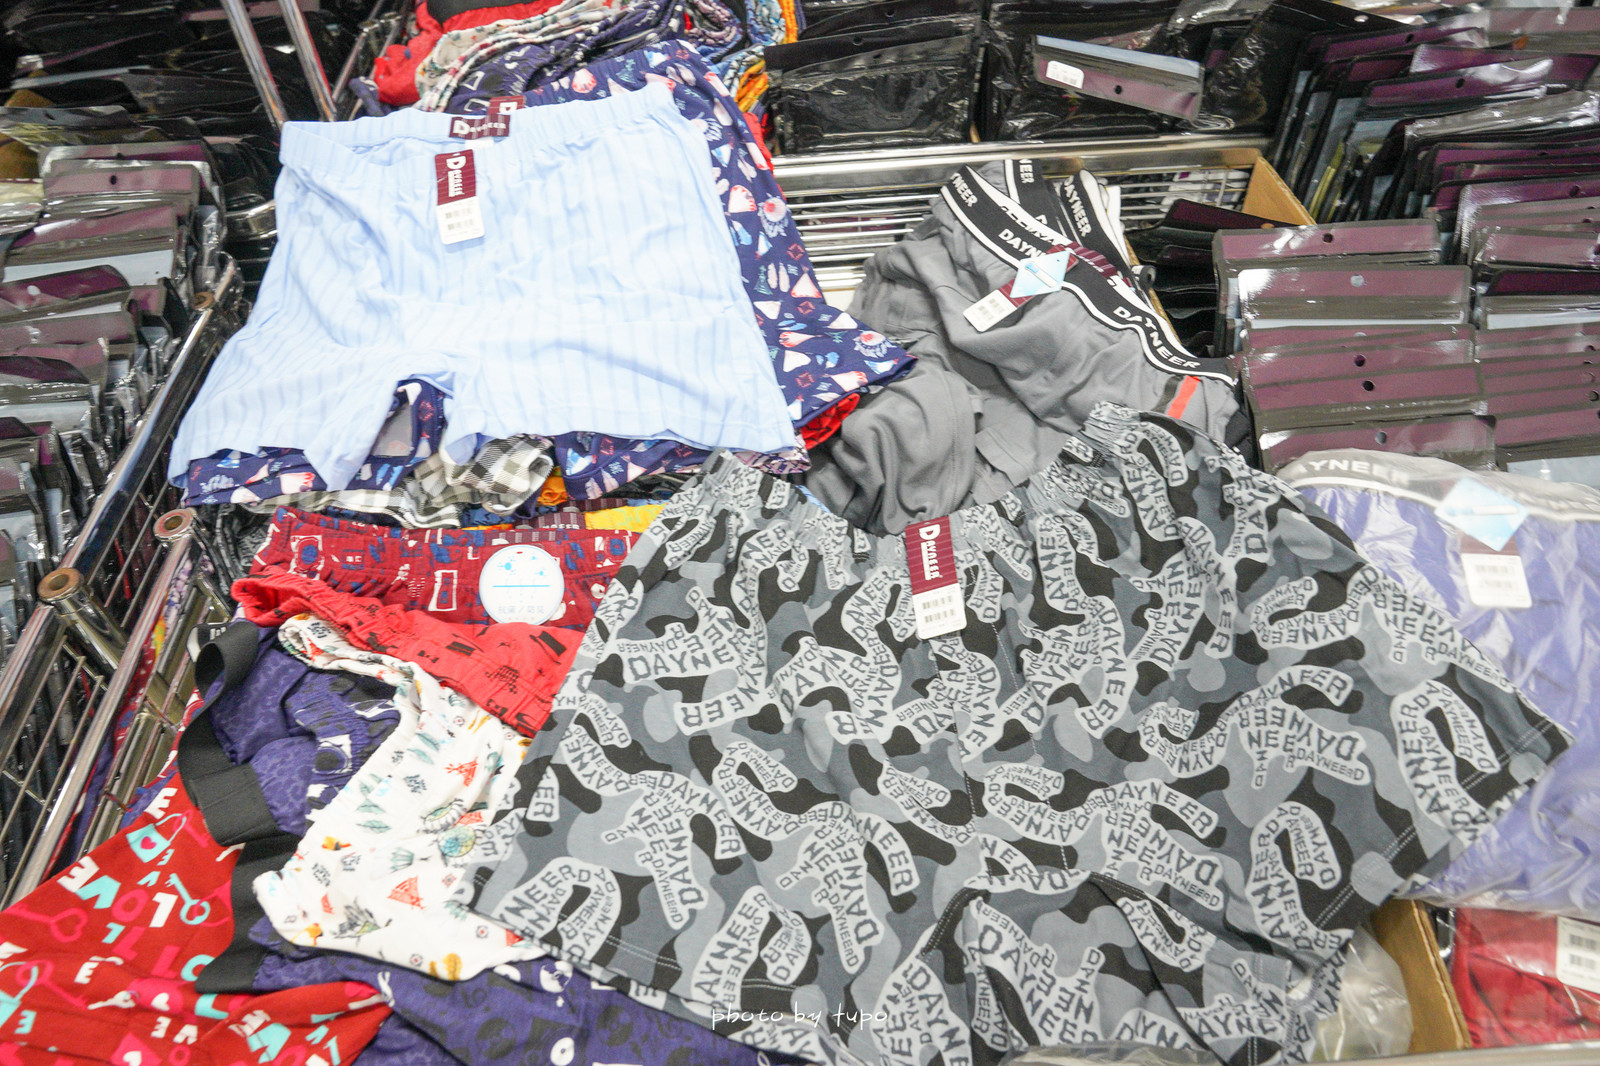 2021 彰化曼黛瑪璉瑪登瑪朵廠慶嘉年華(1/8~10)|全台獨家廠慶限量款式1件390 ,限量福袋168元,限量88元組合褲